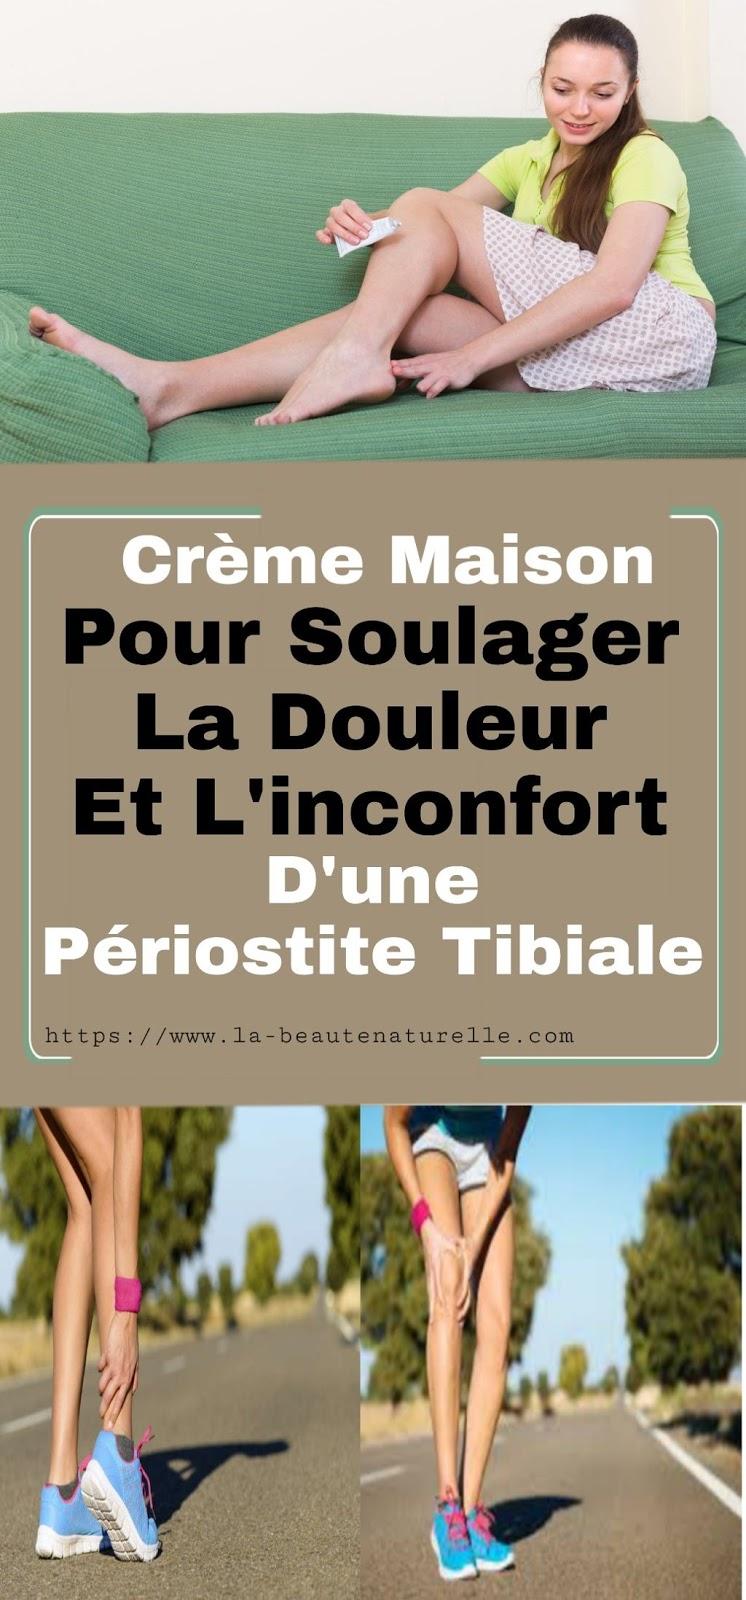 Crème Maison Pour Soulager La Douleur Et L'inconfort D'une Périostite Tibiale